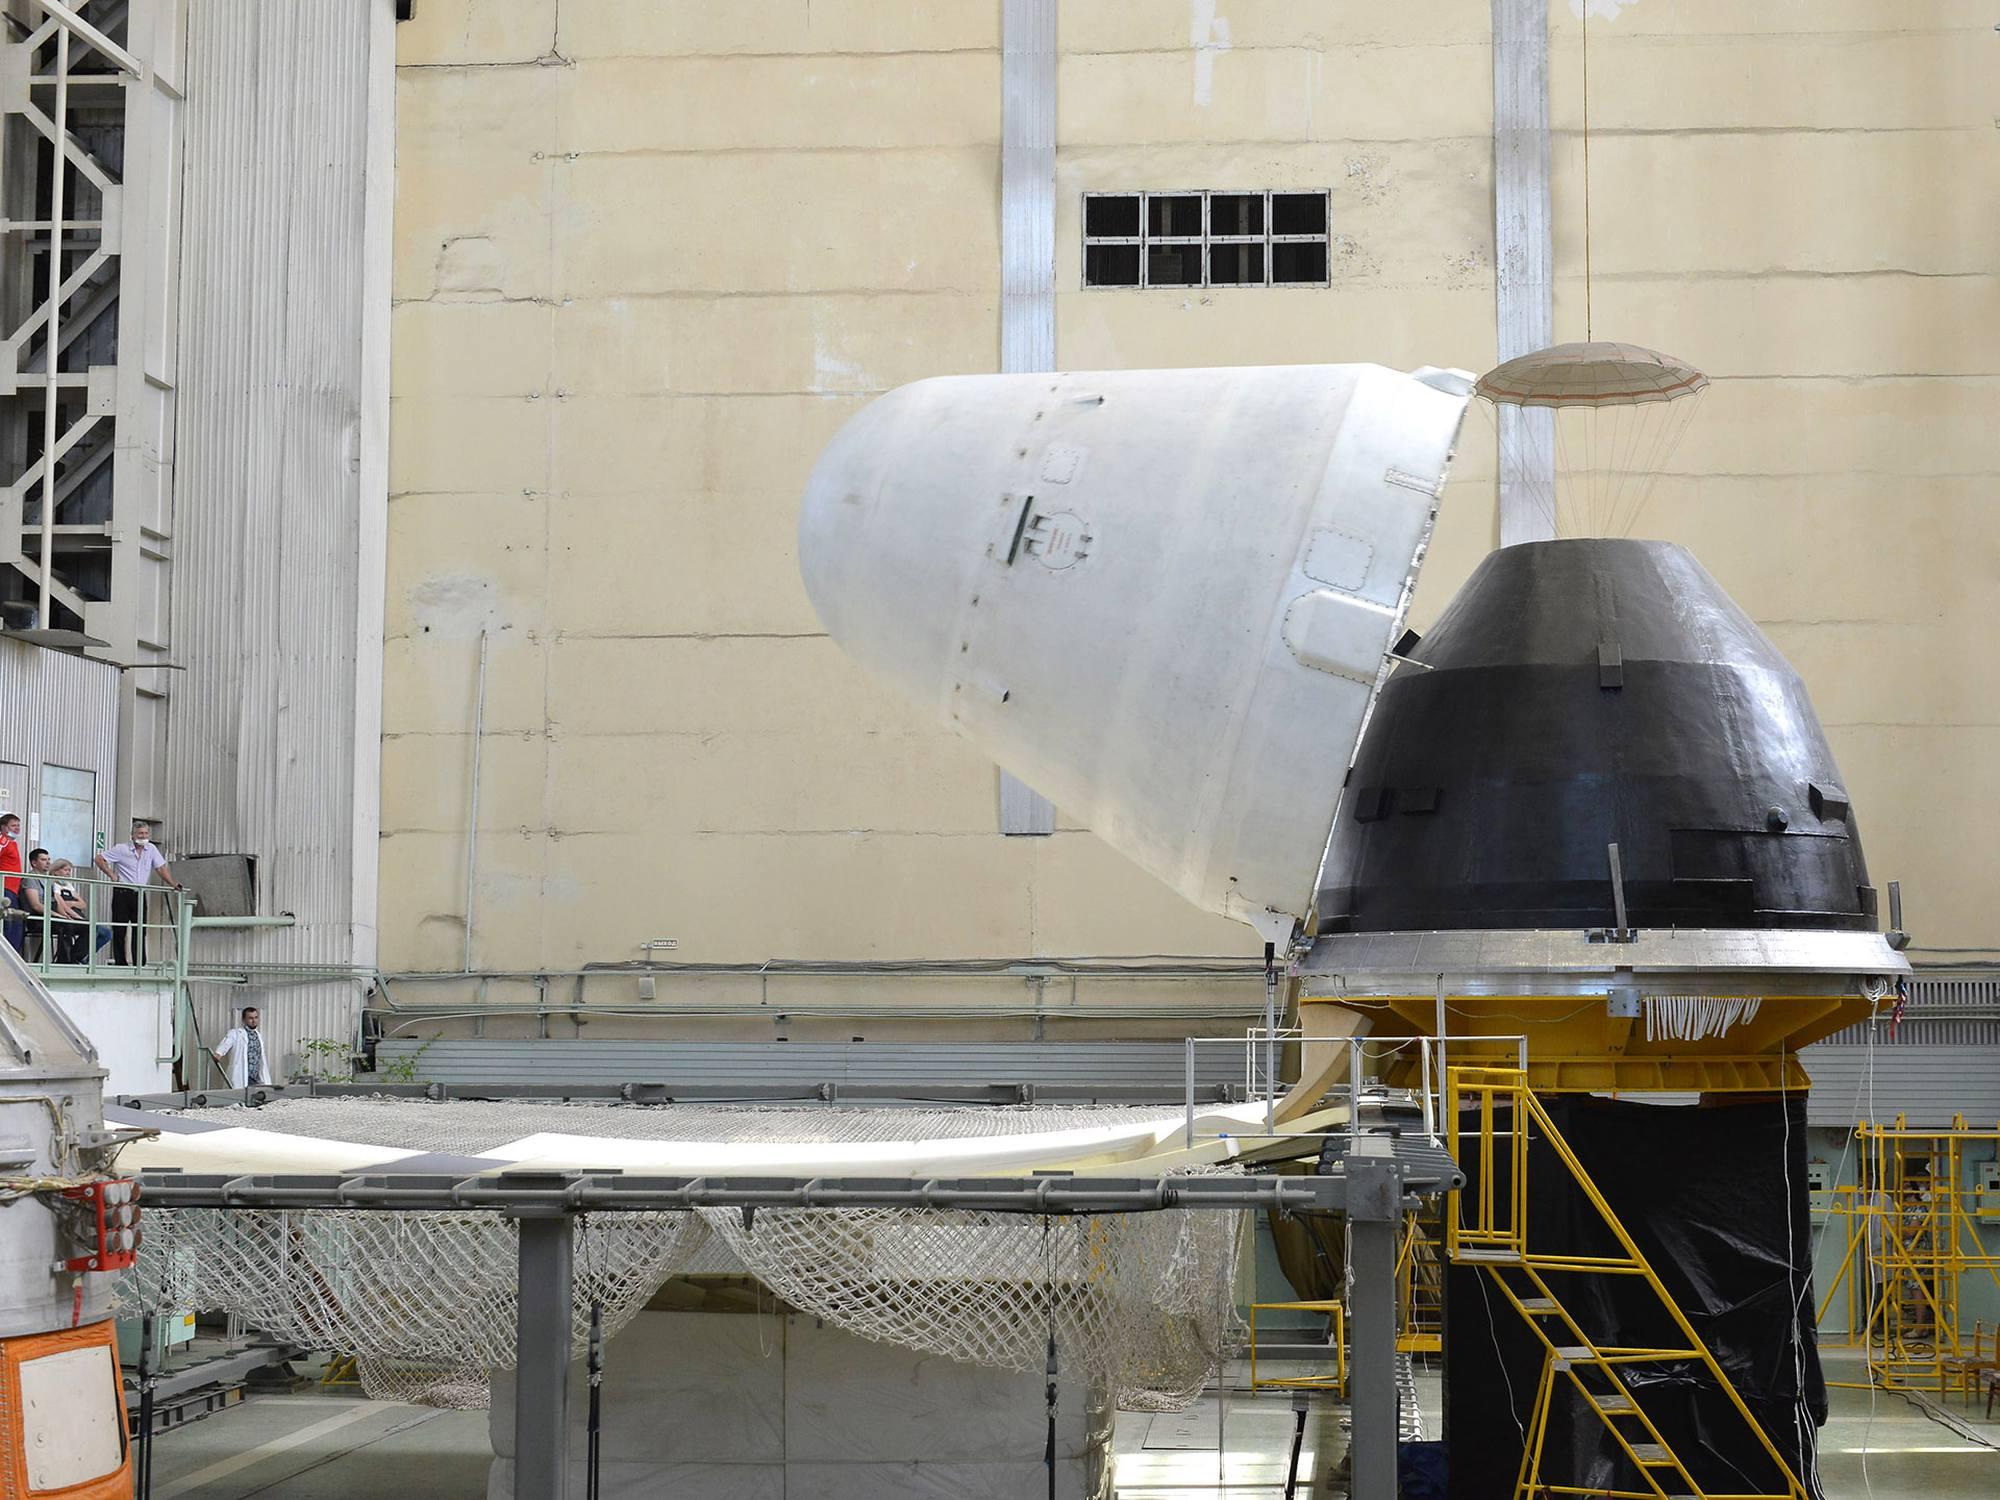 A Samara, au RKTs Progress, l'un des dispositifs expérimentaux pour tester la séparation des éléments impliqués lors de la libération en orbite du module NEM.